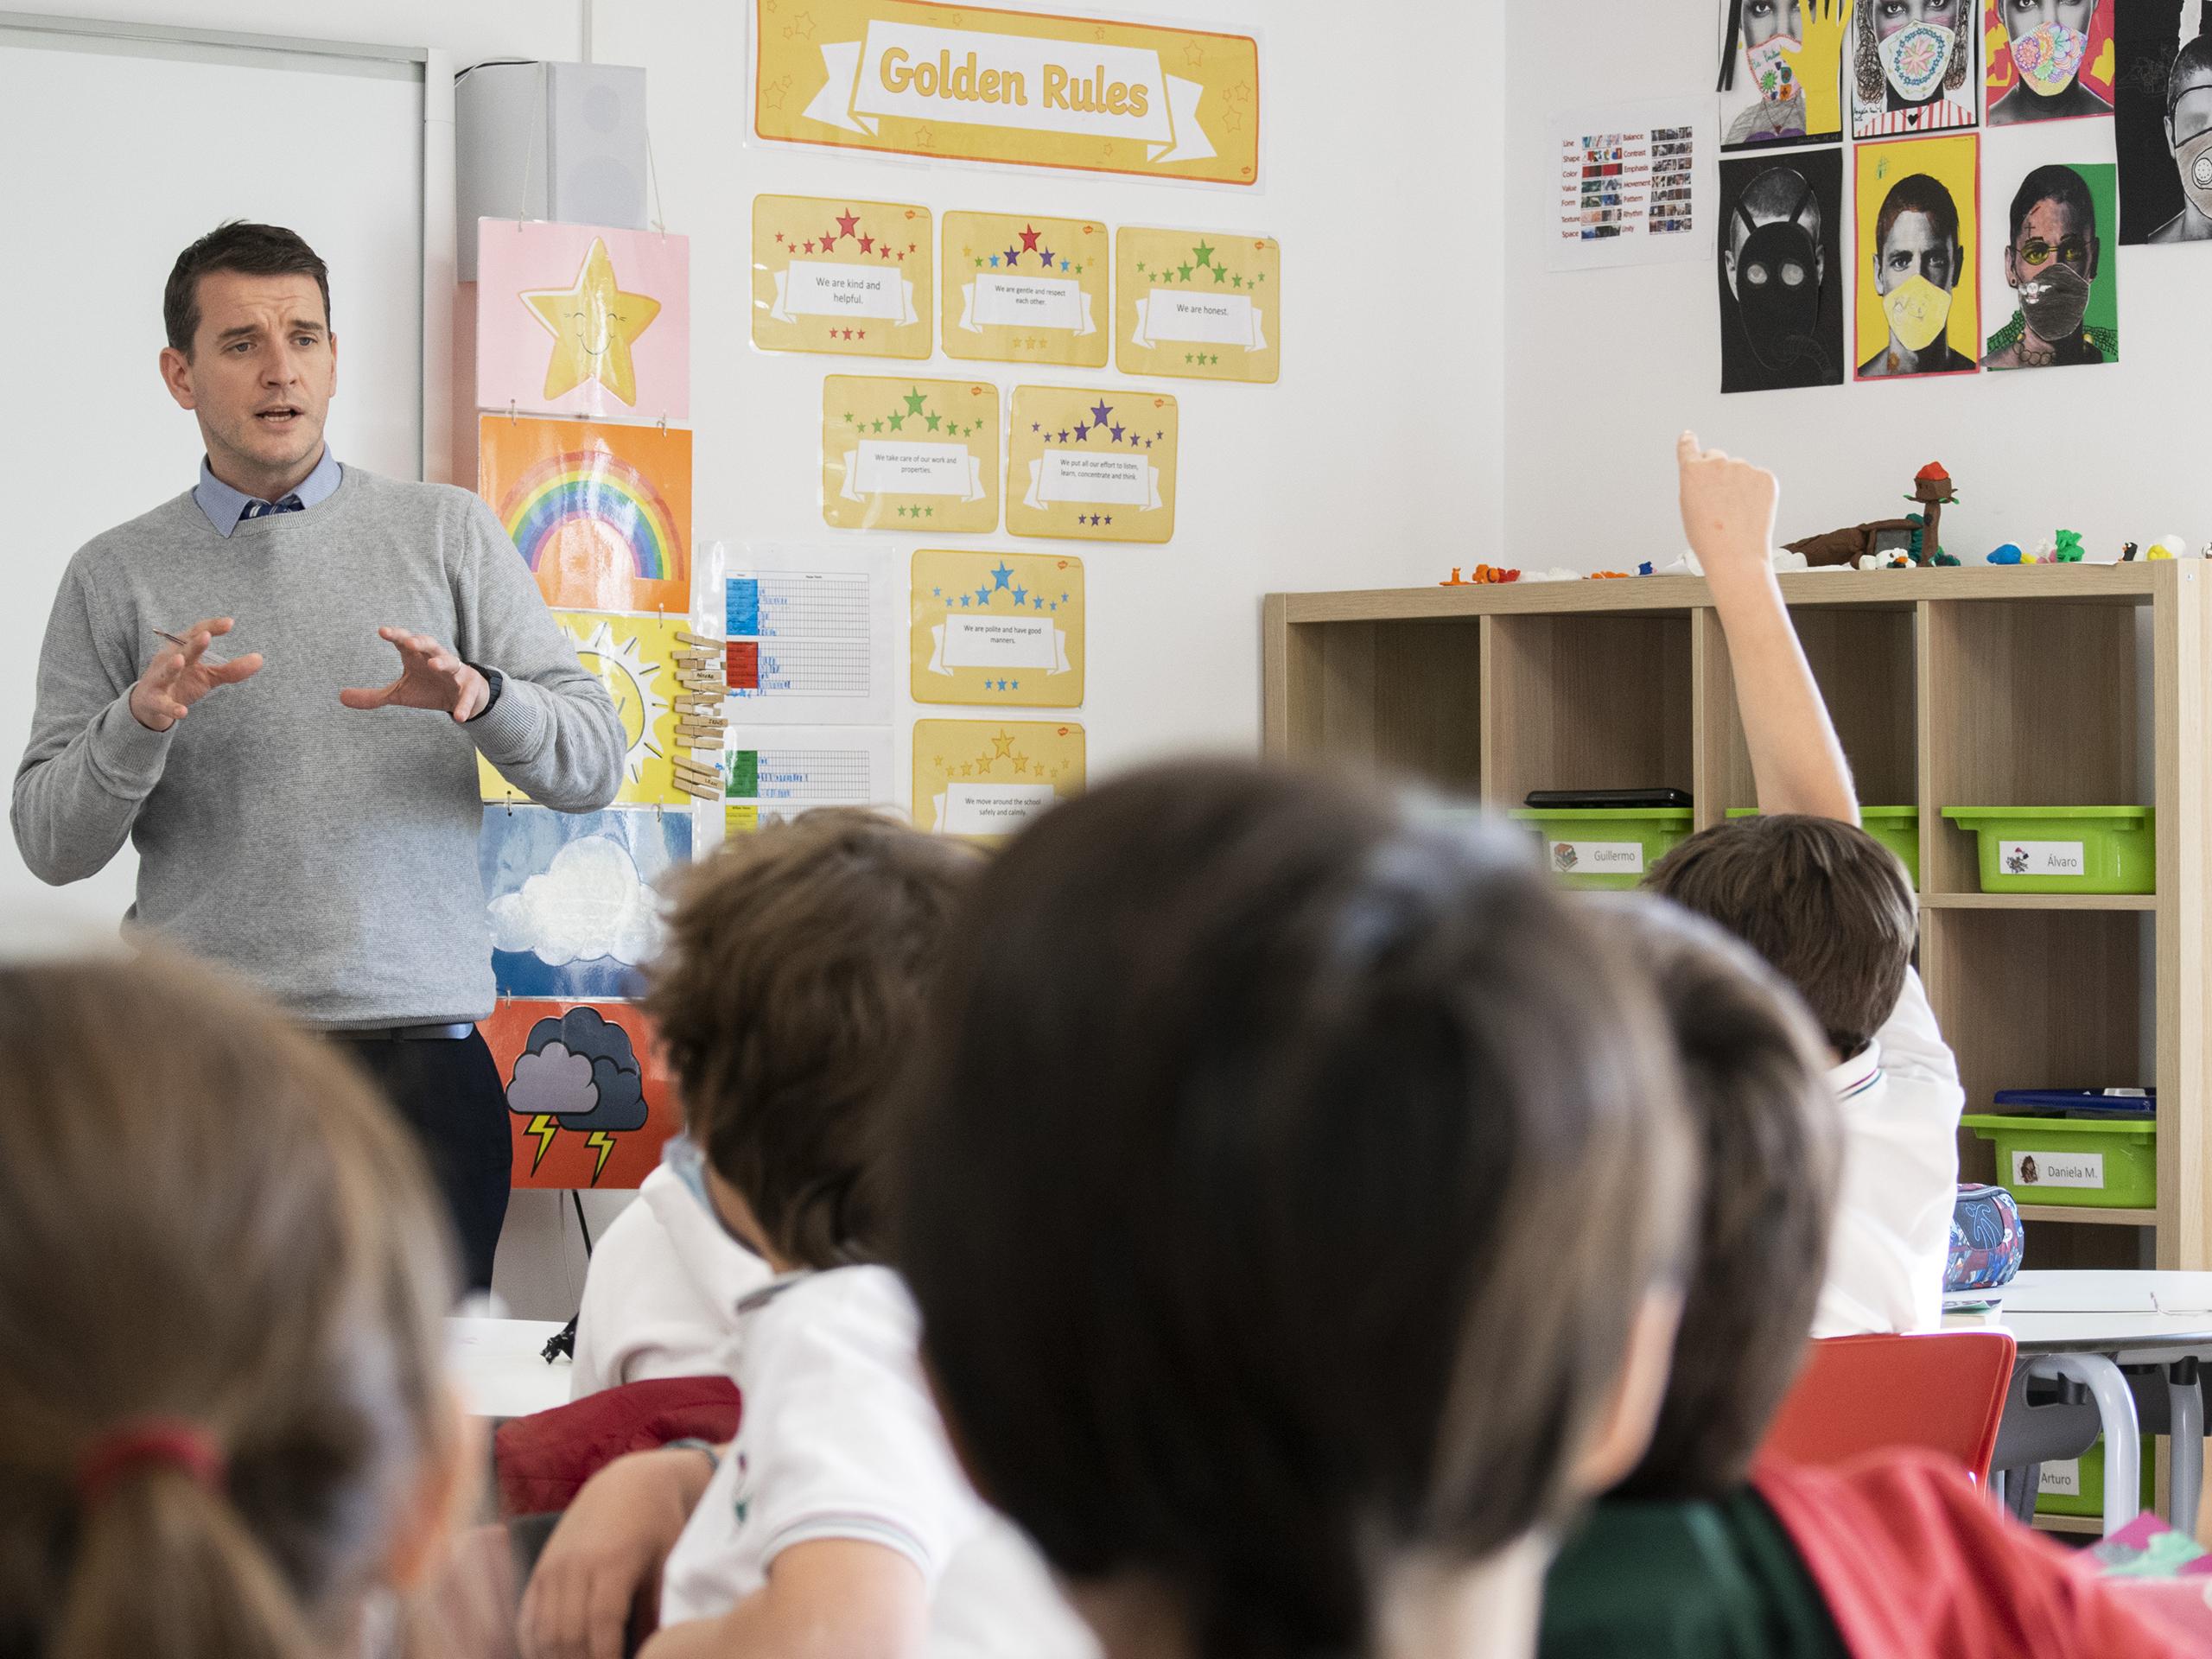 primaria-secundaria-dallington-school-10